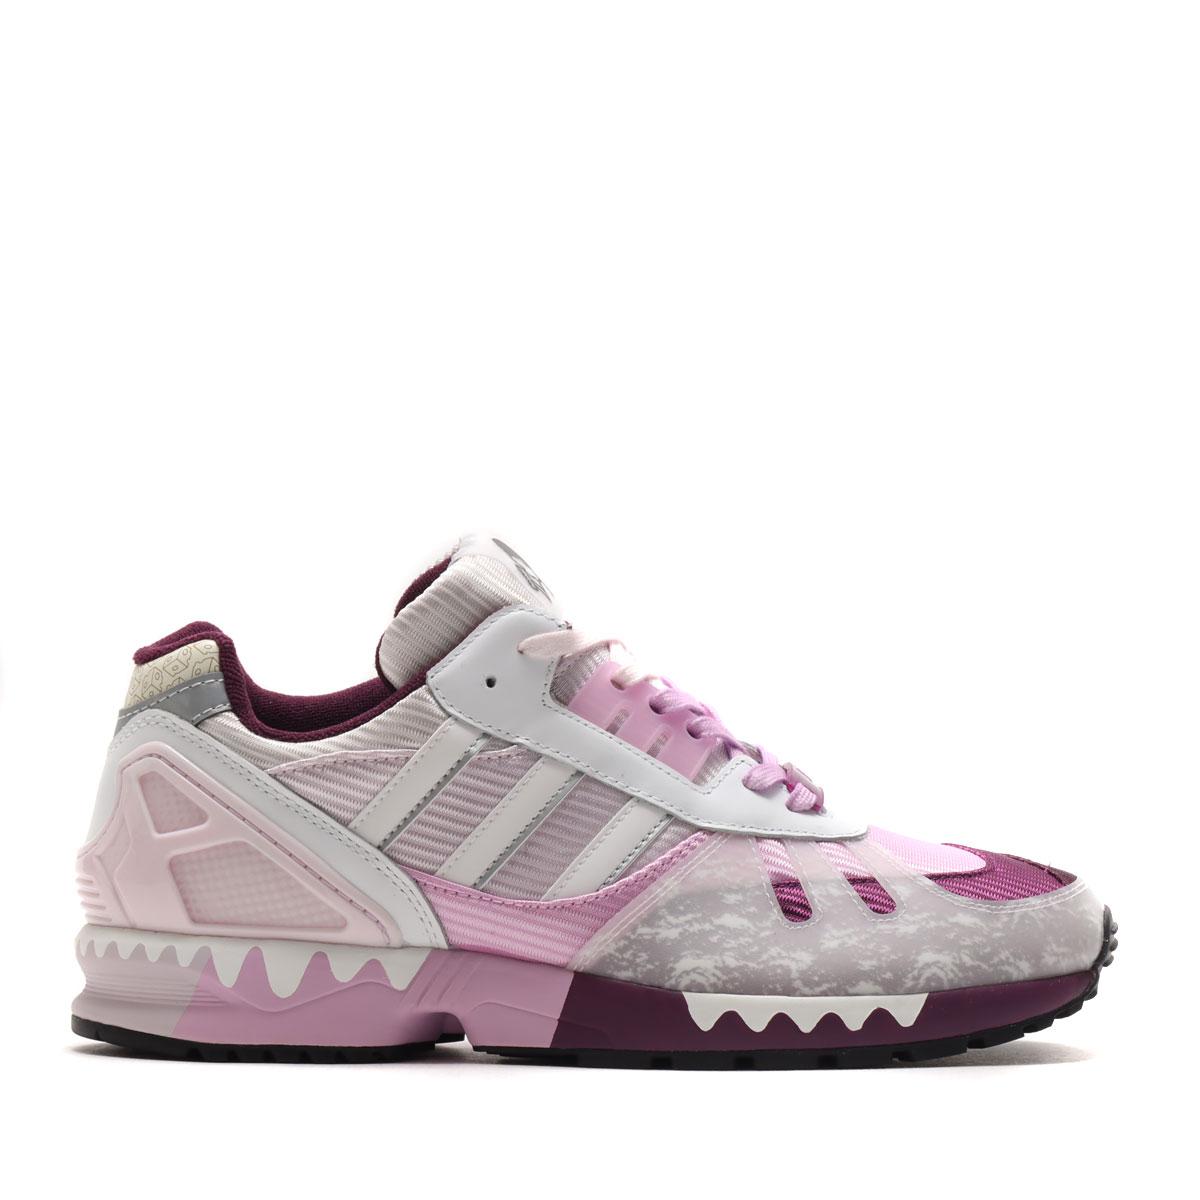 メンズ靴, スニーカー adidas ZX 7000 HEY TEE(MERLOTRICH MAUVECLEAR LILAC)( ZX 7000 )20FW-S